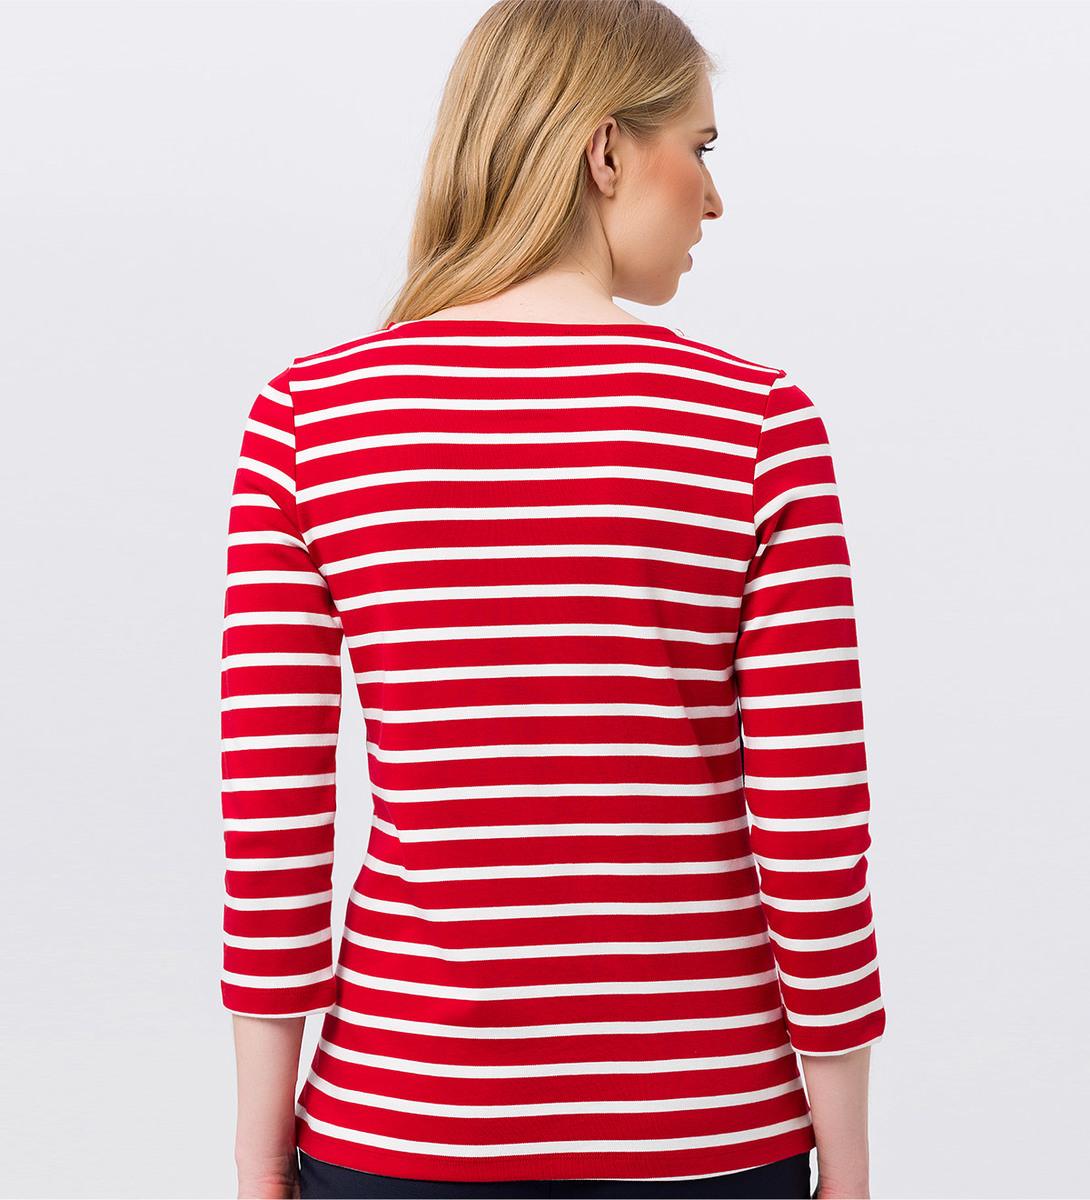 Sweatshirt mit Streifen in red